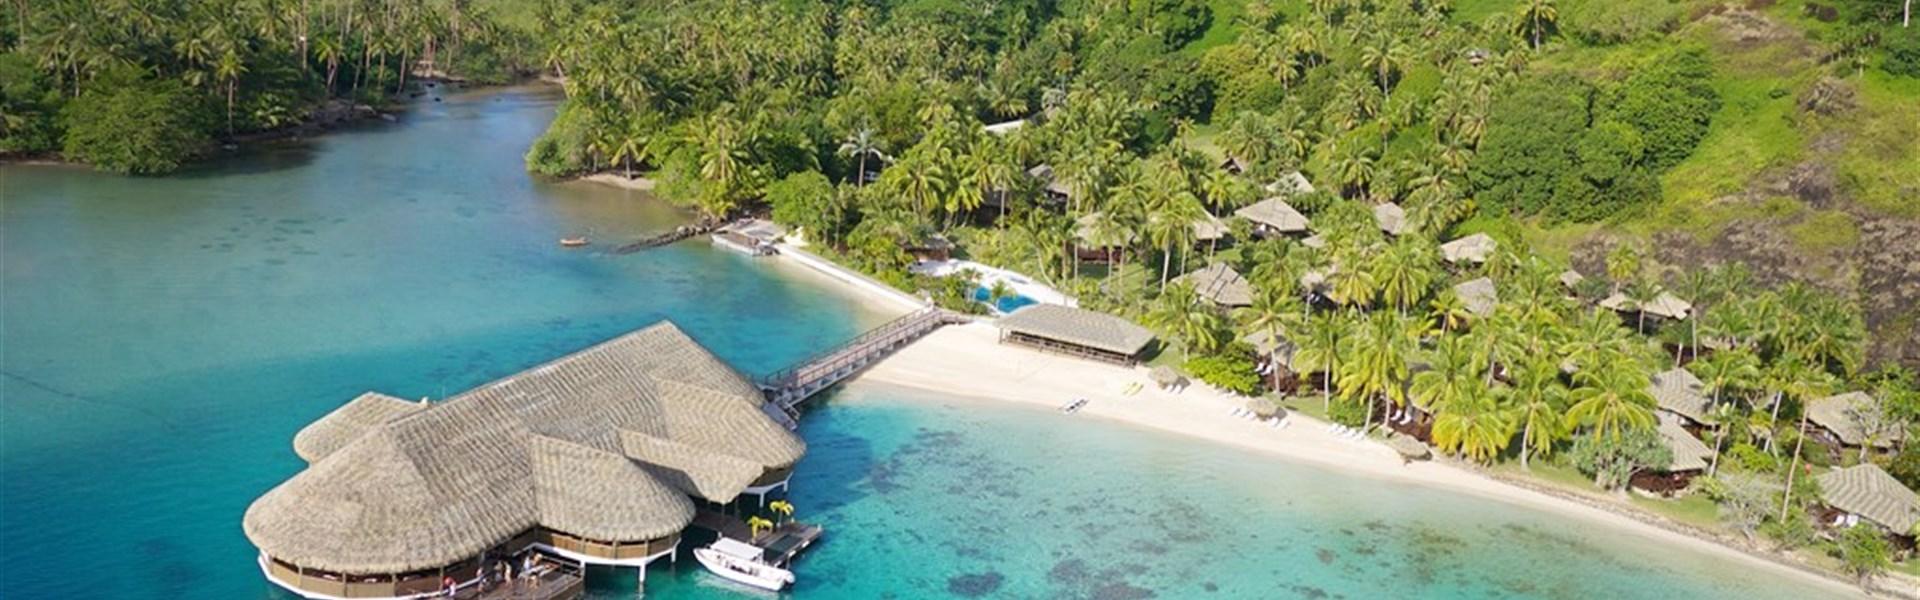 Marco Polo - Royal Huahine - ostrov Huahine -